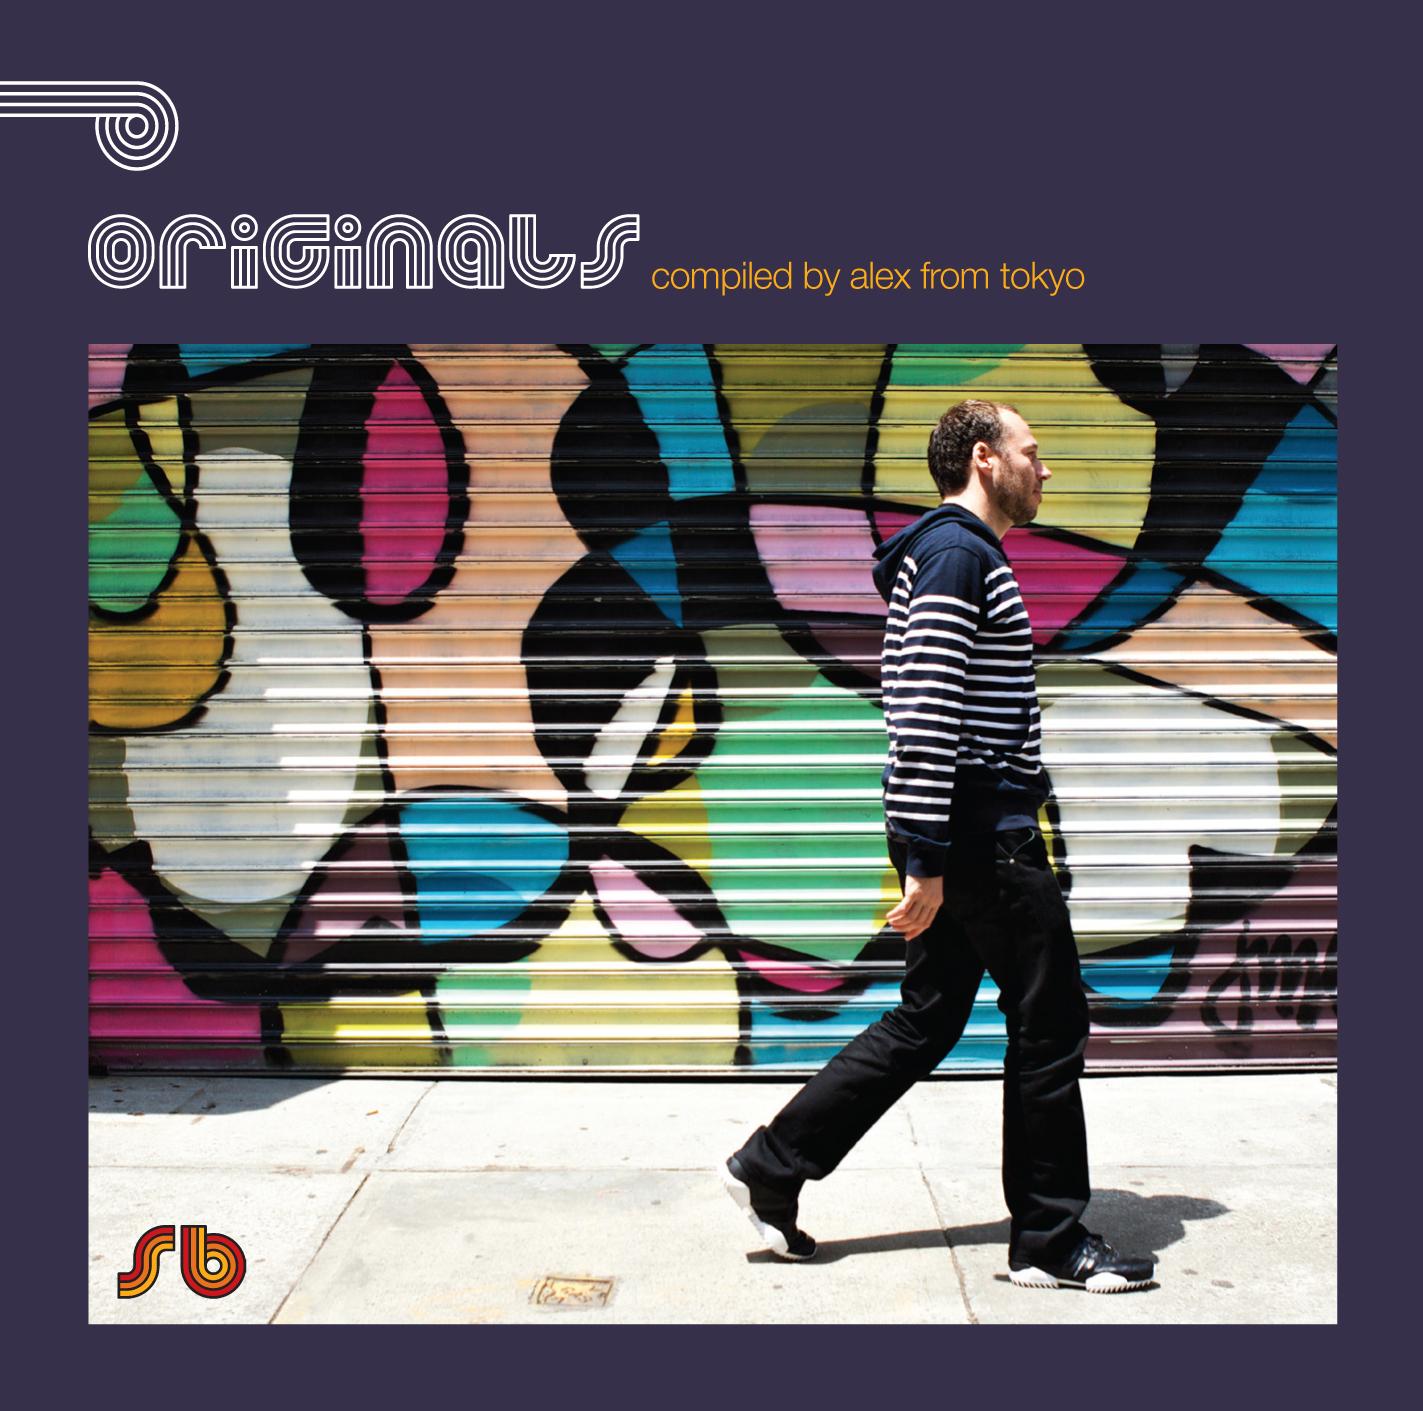 Alex From Tokyo/ORIGINALS VOL. 10 CD